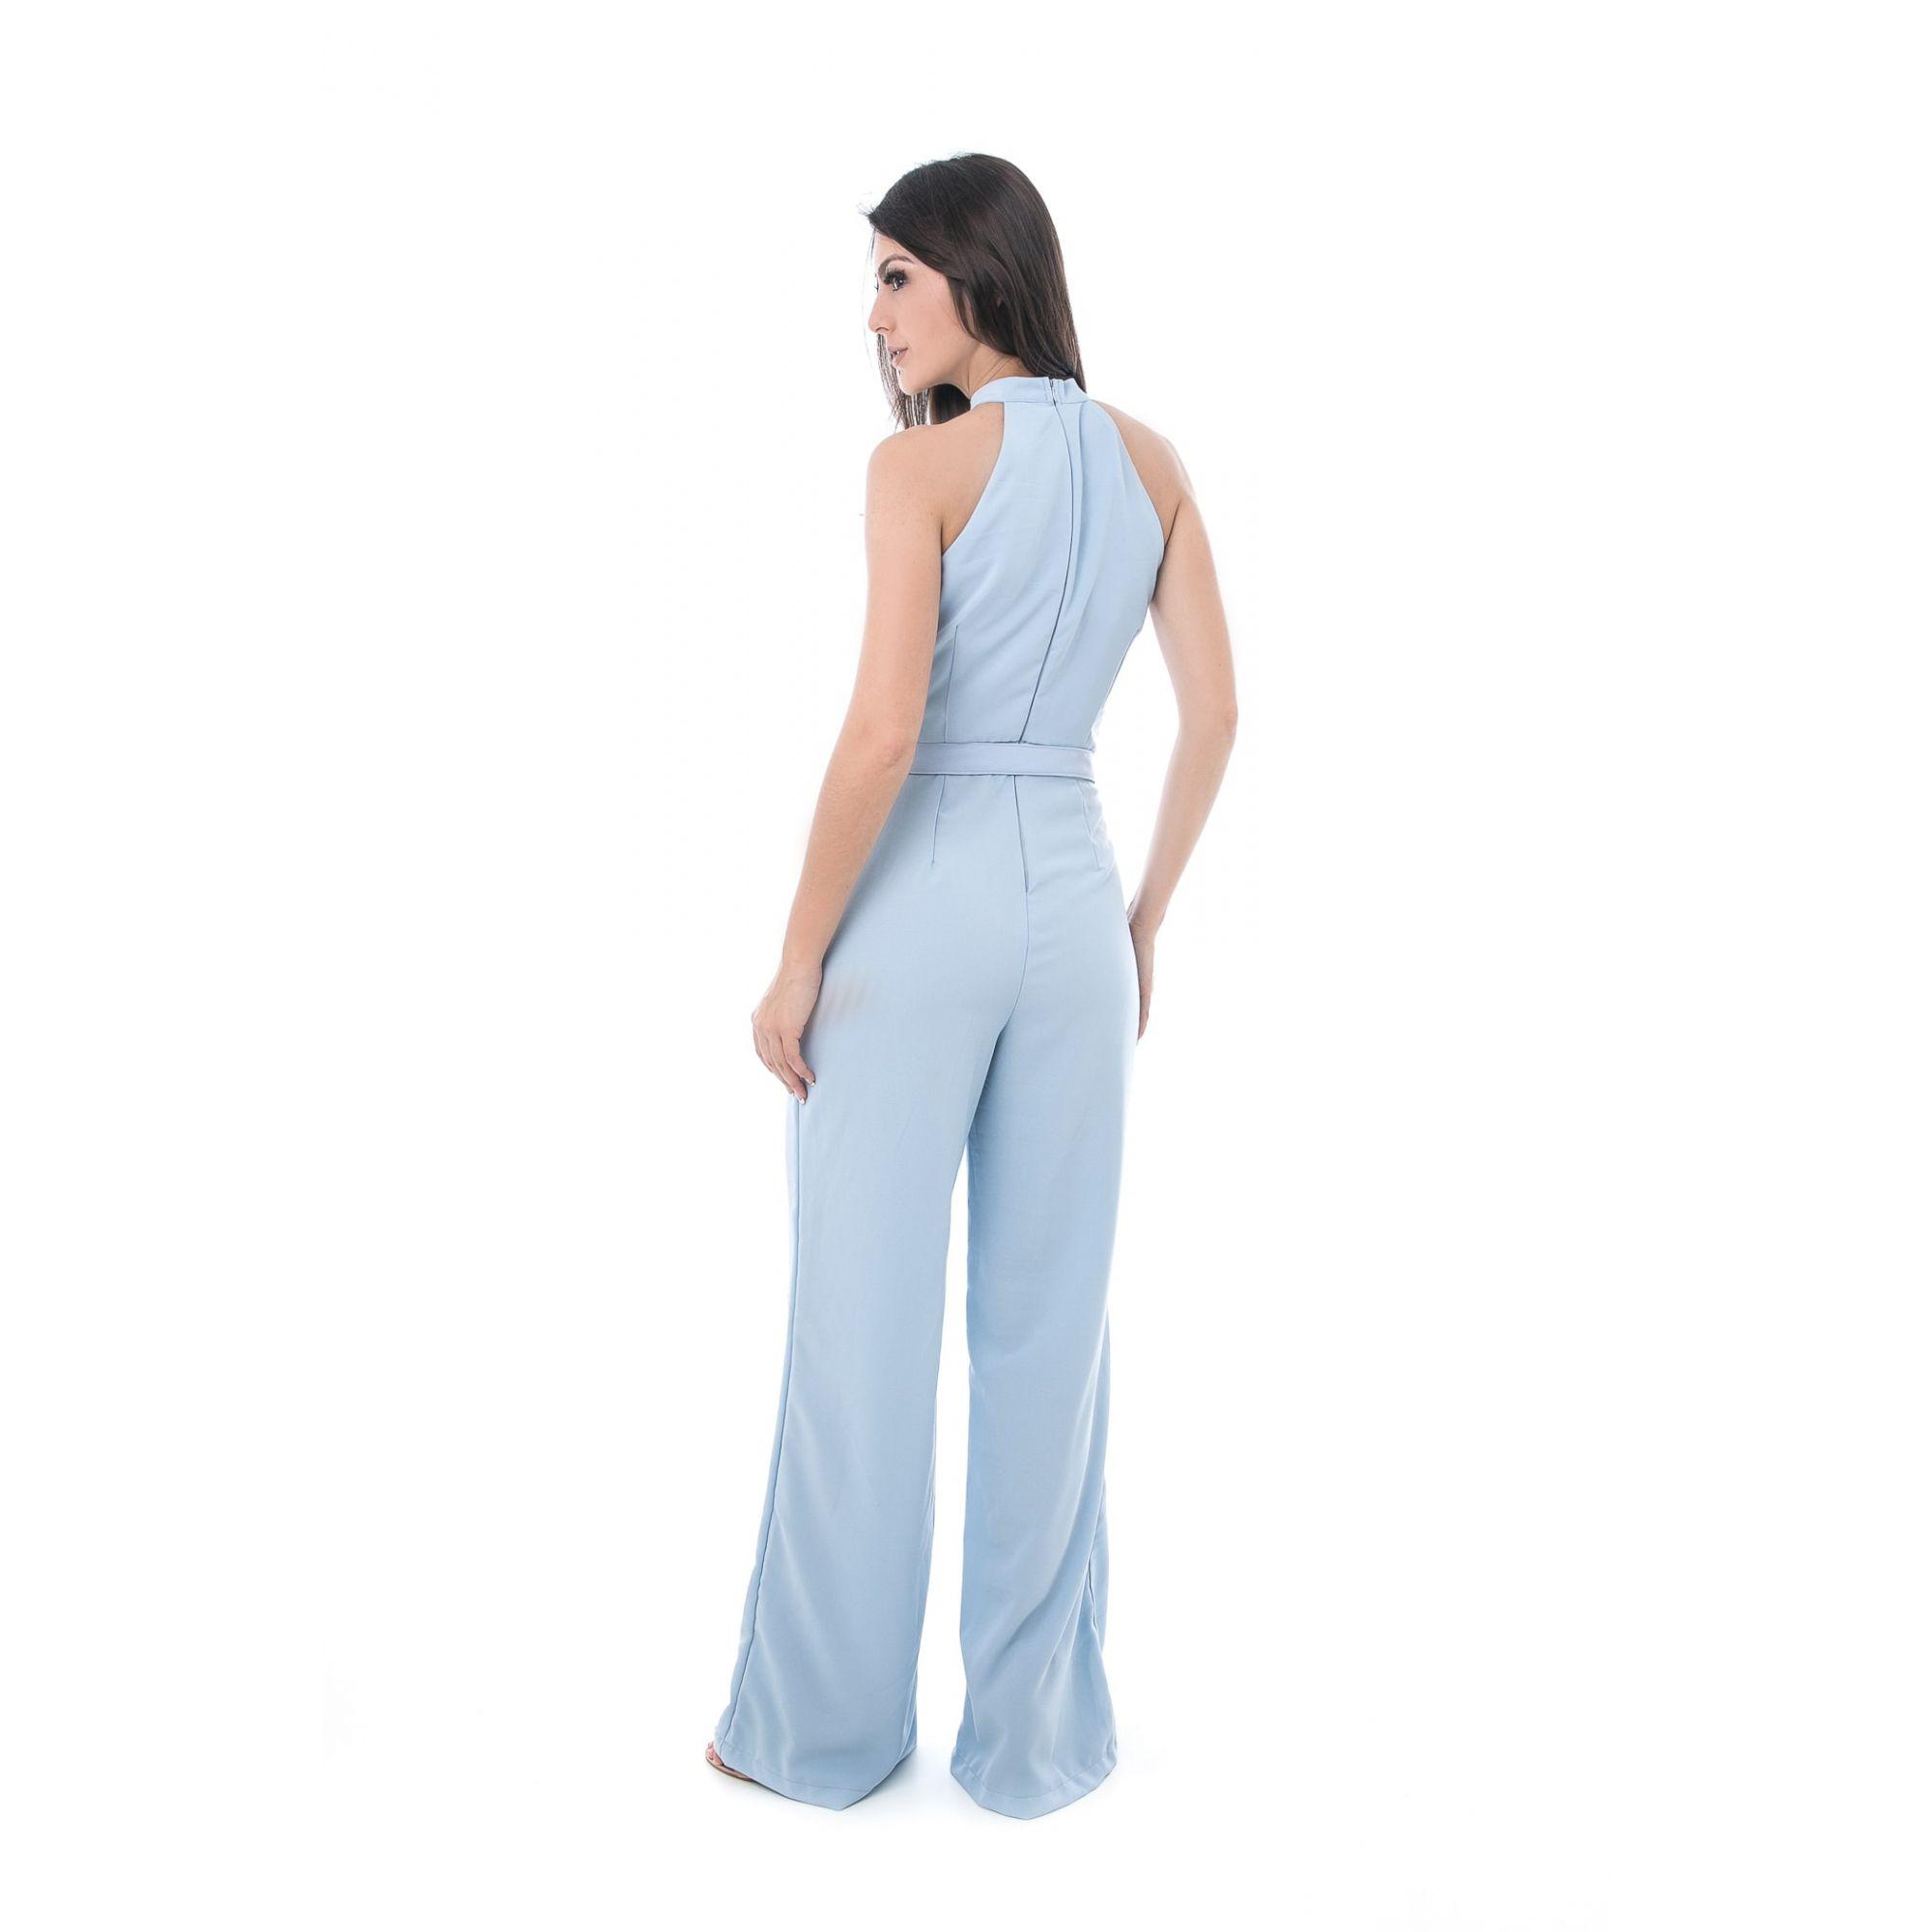 Macacão Pkd Estilo Pantalona Azul Claro